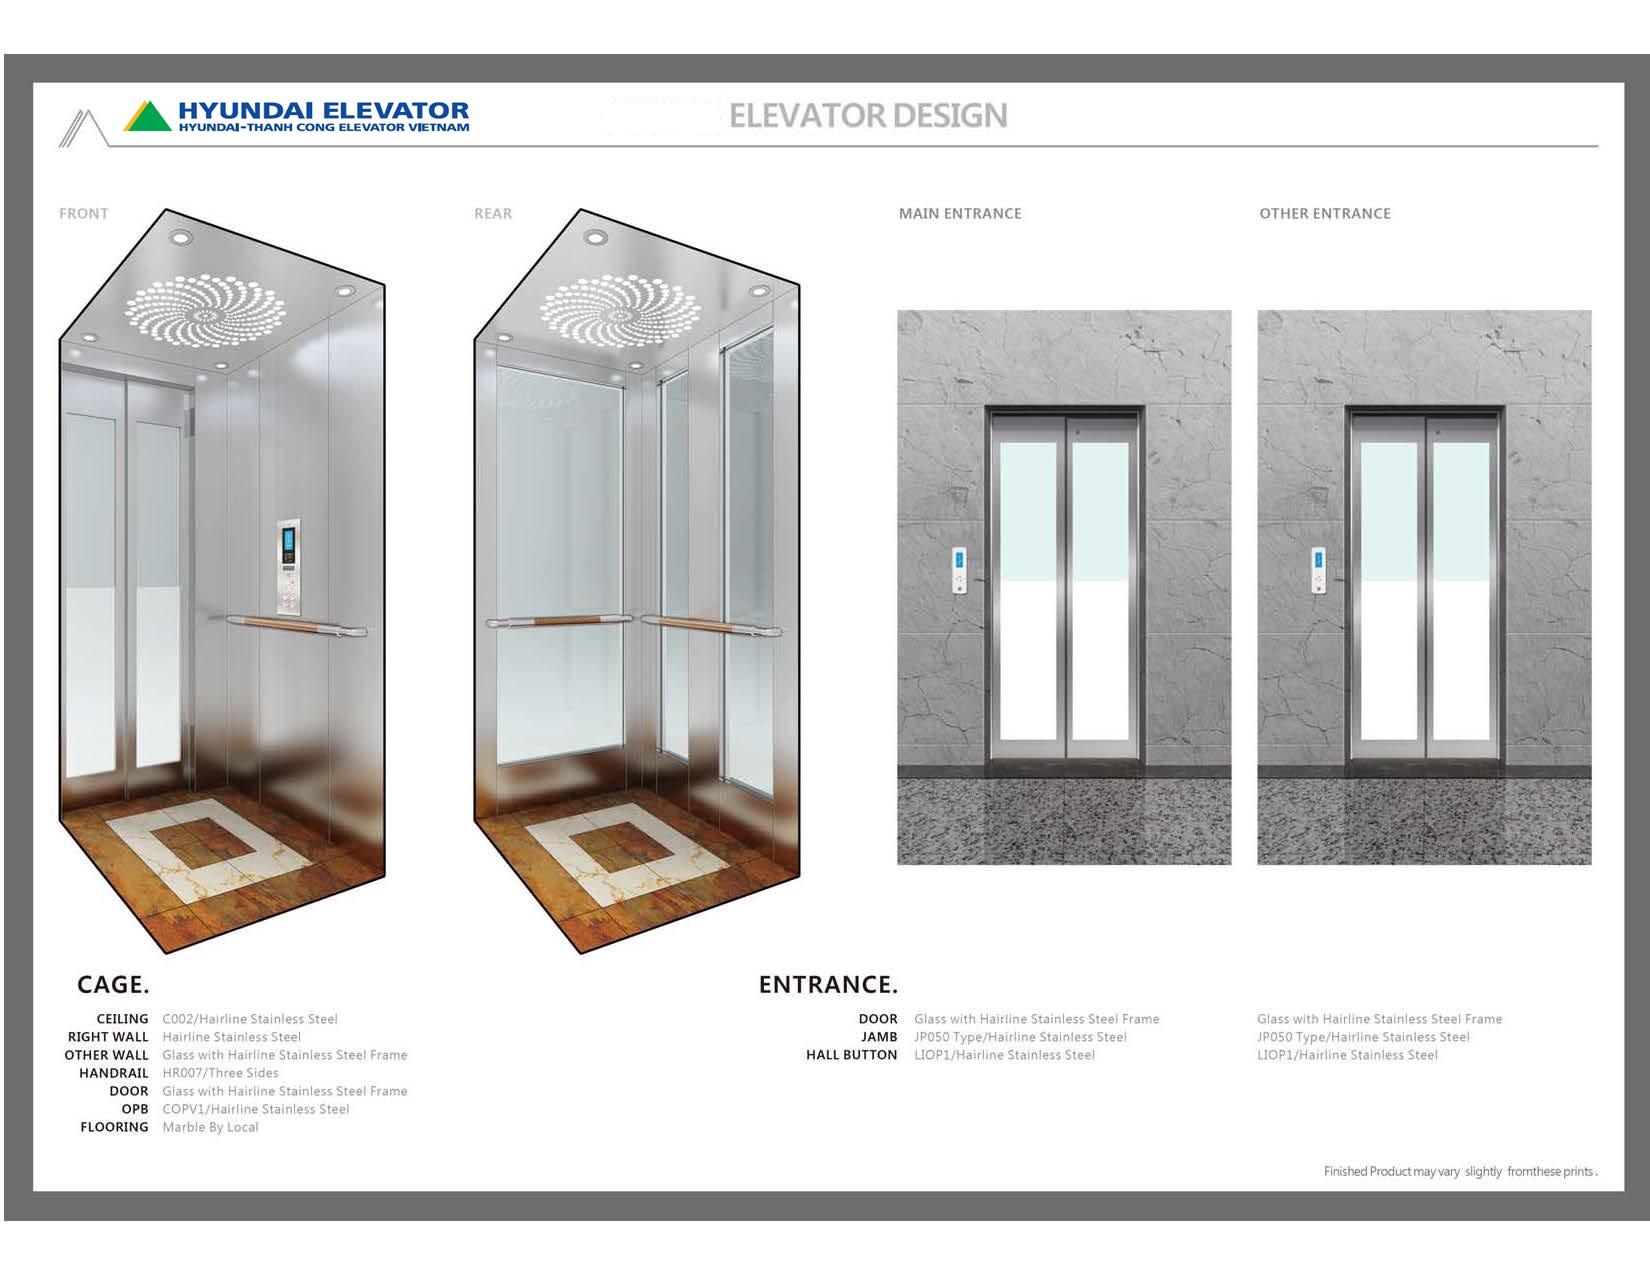 Thang máy Home Series - dòng thang máy gia đình thương hiệu Hyundai